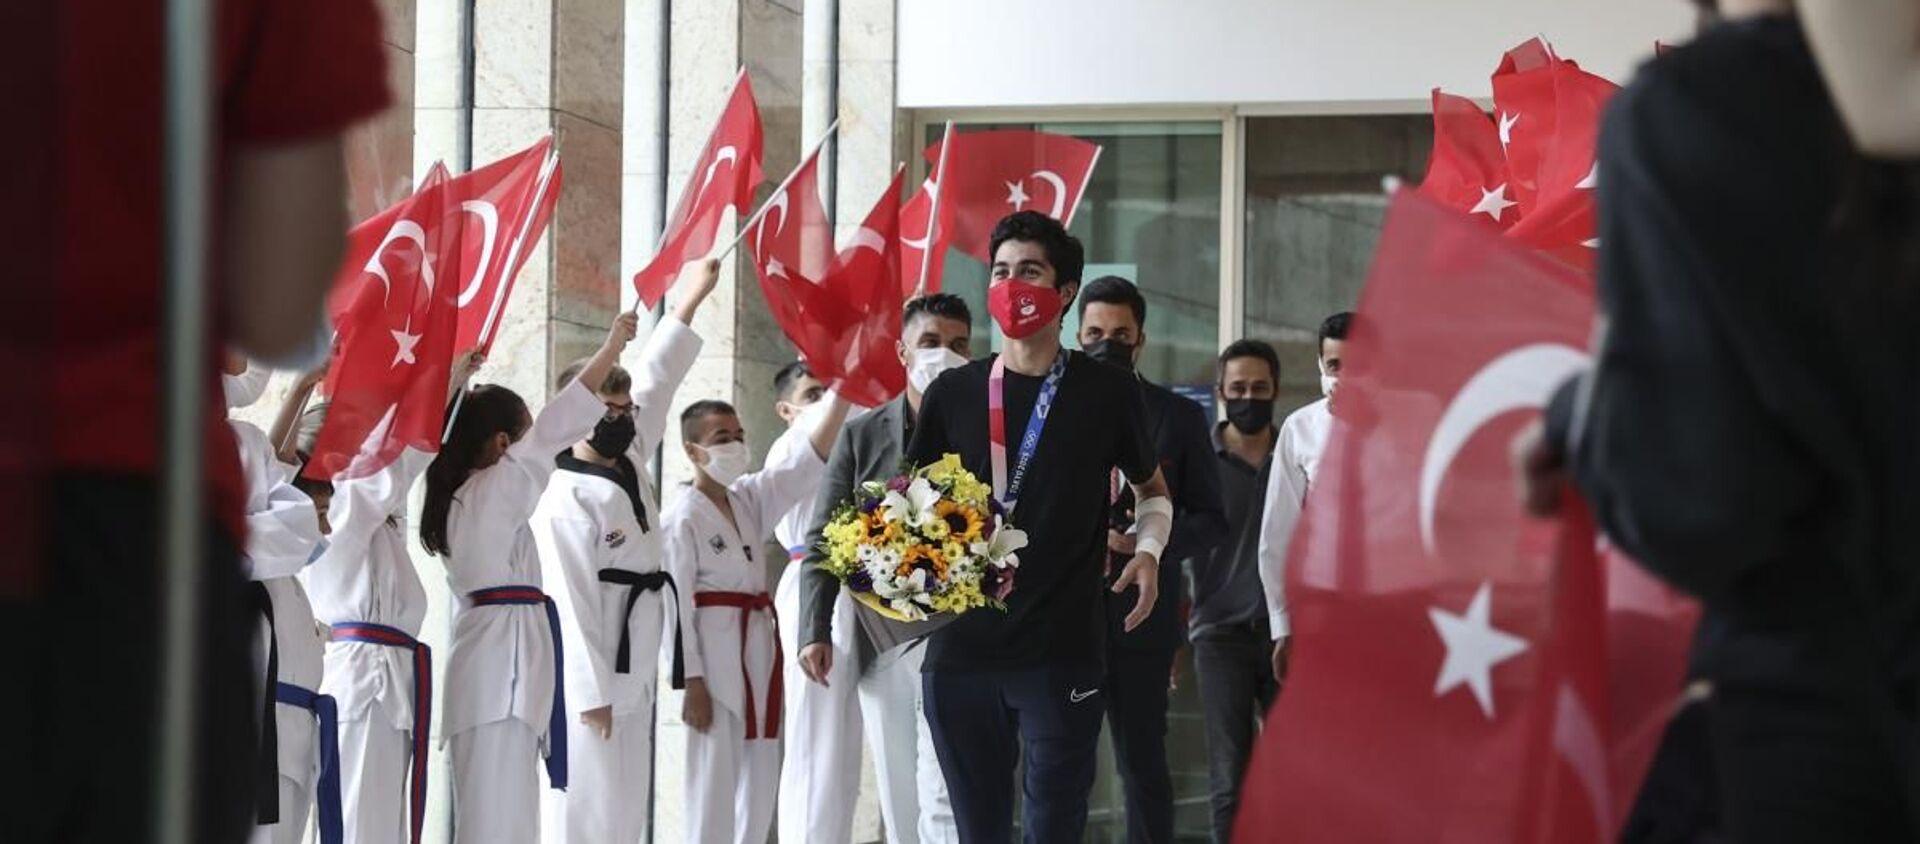 Milli tekvandocu Hakan Reçber, Ankara'da çiçeklerle karşılandı - Sputnik Türkiye, 1920, 27.07.2021